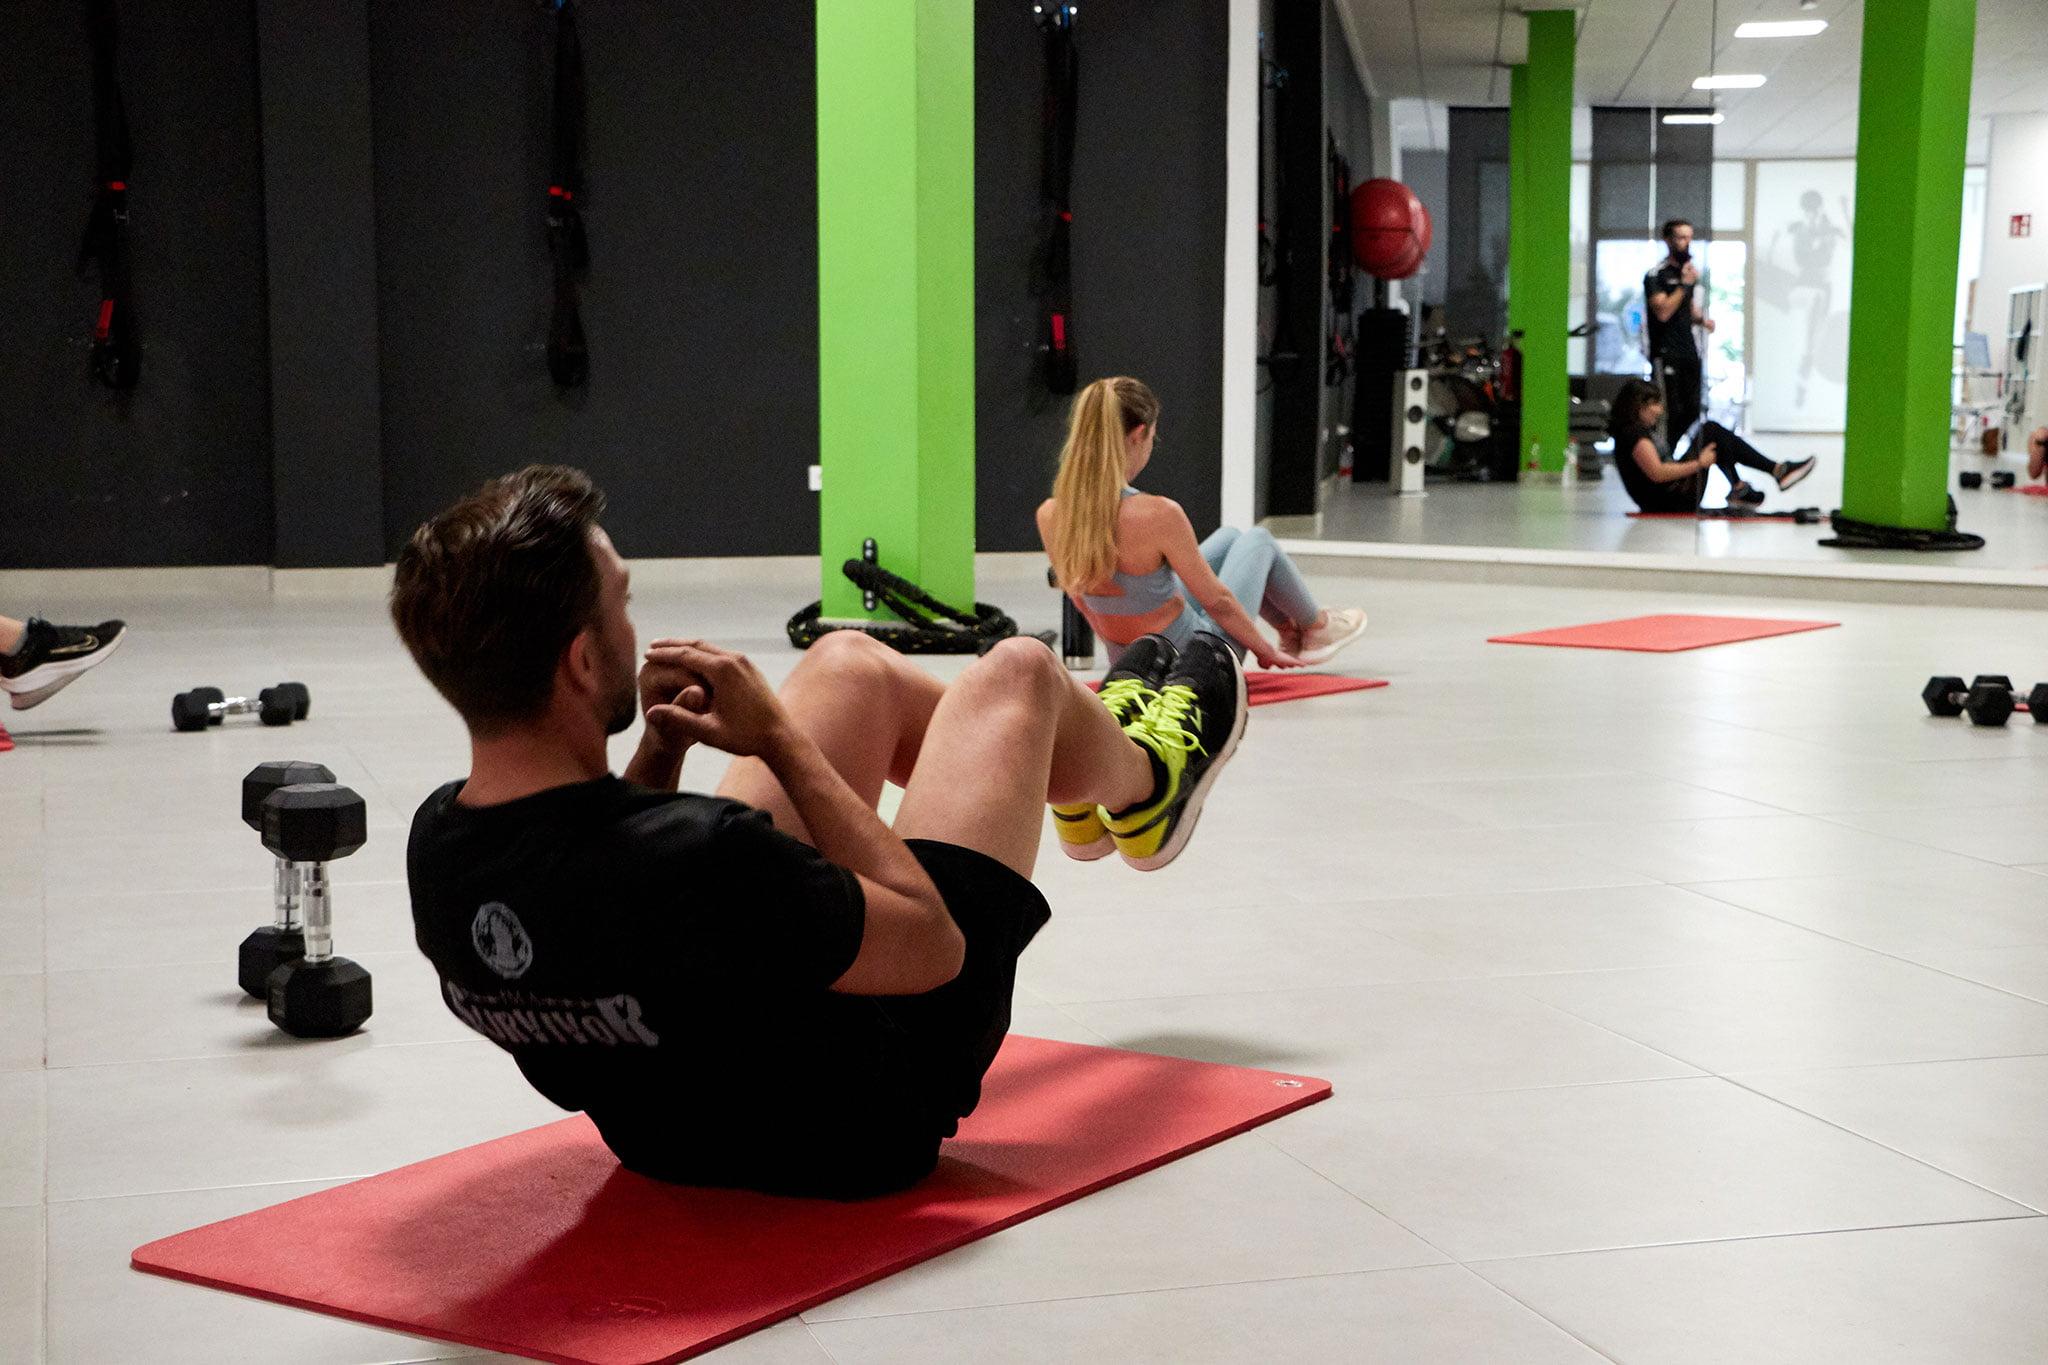 Zonas de entrenamiento – Tiempo Personal Training Center